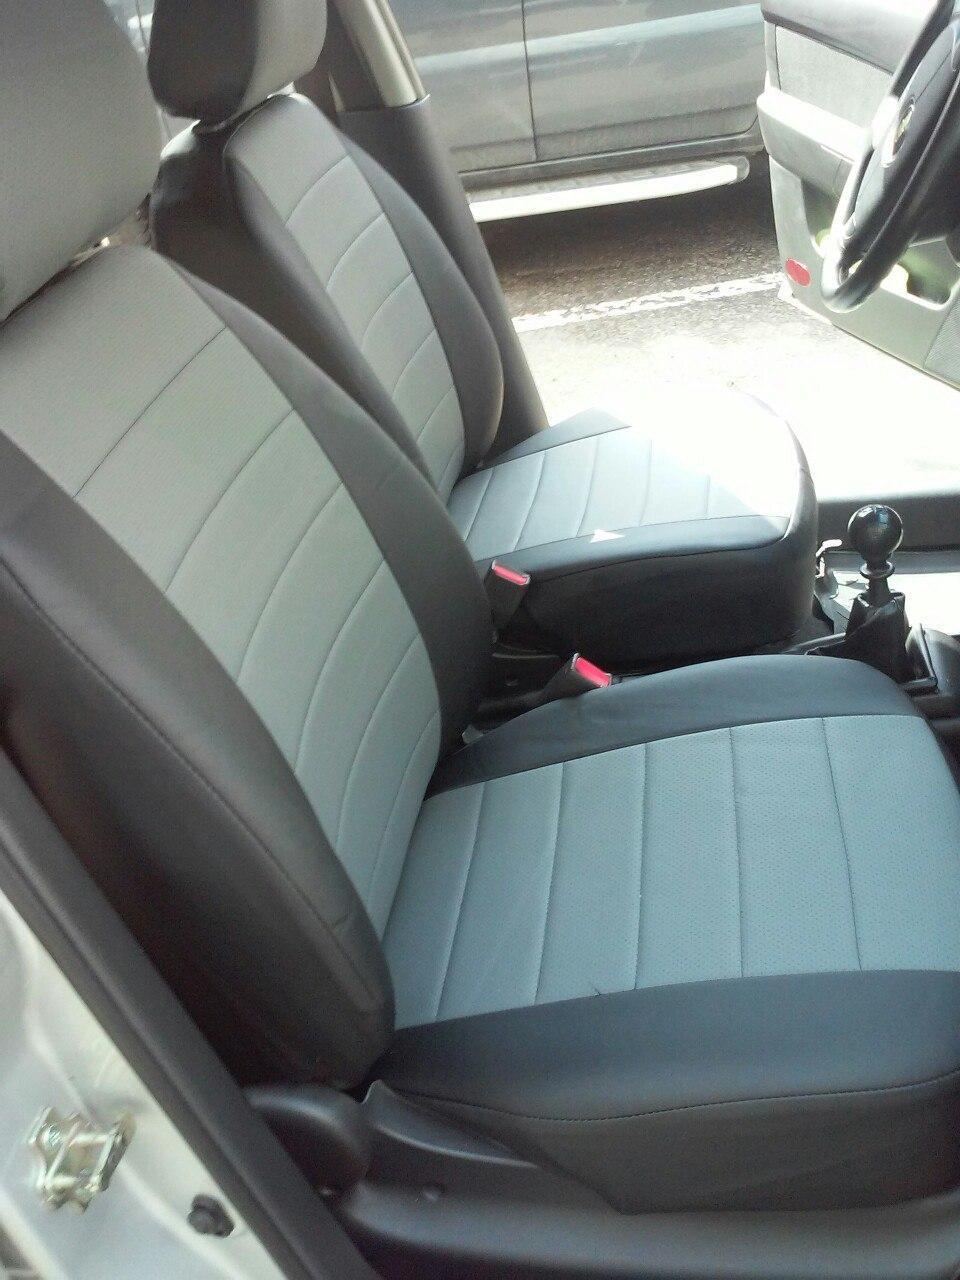 Чехлы на сиденья Шевроле Авео Т250 (Chevrolet Aveo T250) (универсальные, кожзам, с отдельным подголовником)